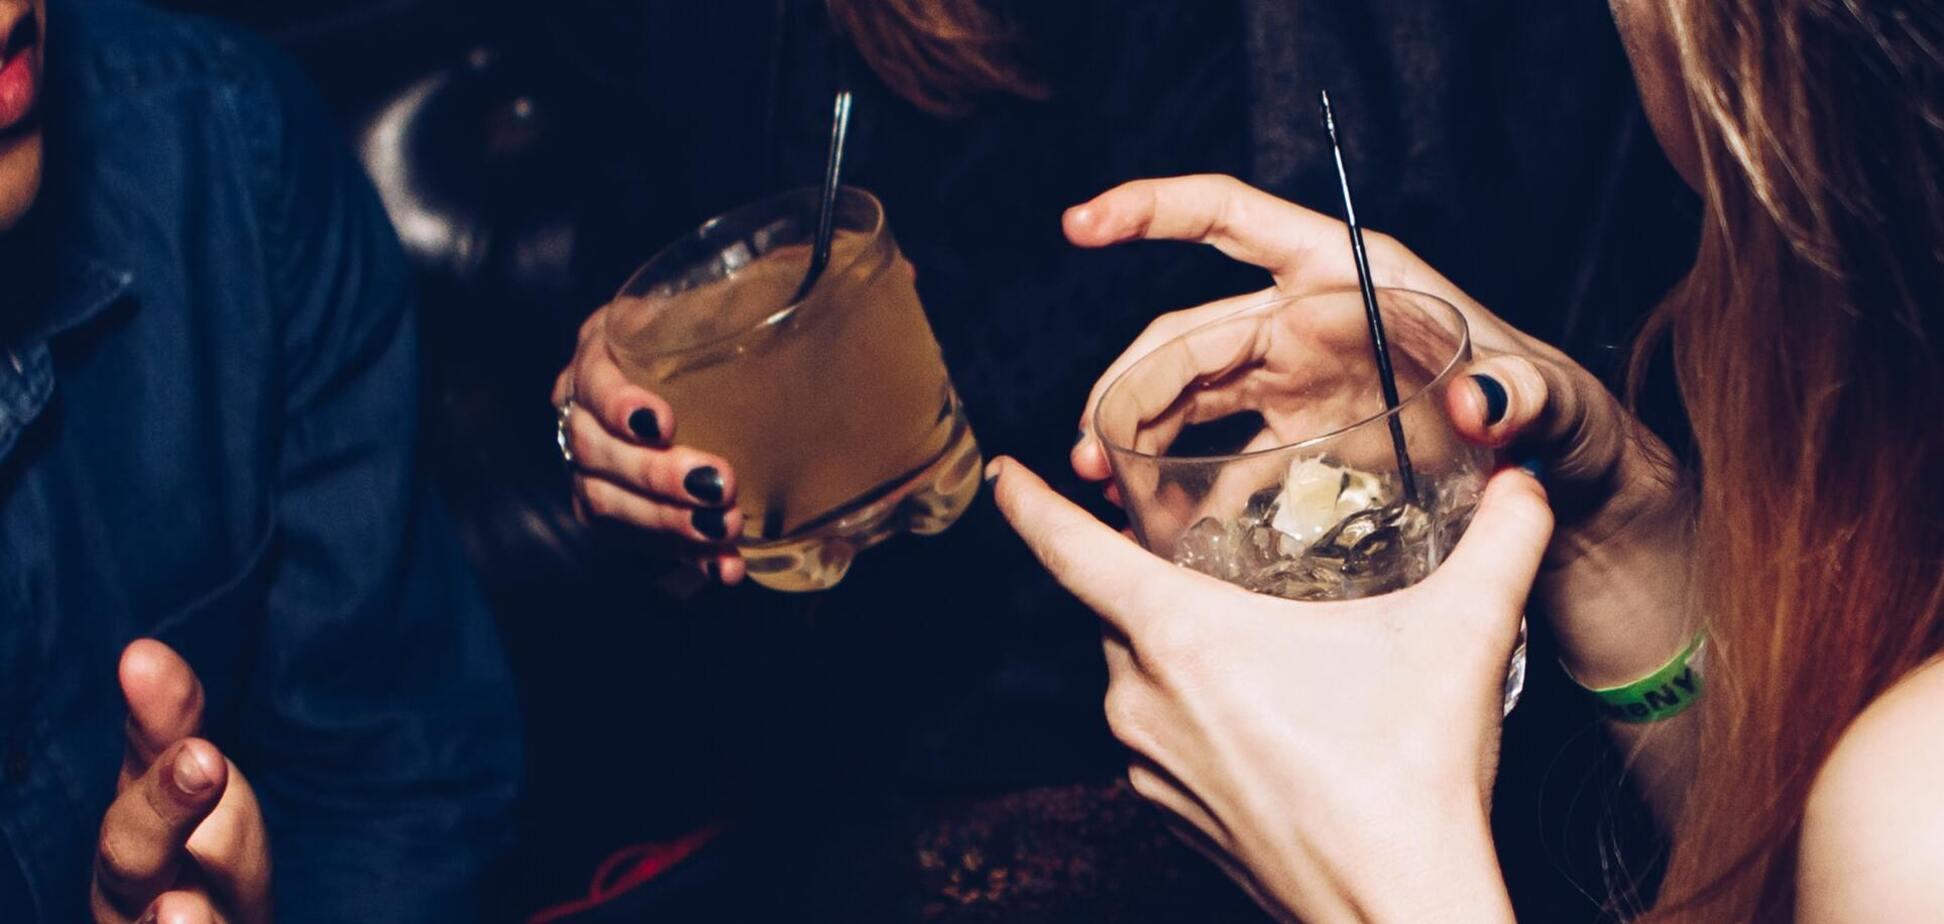 Пять самых пьющих знаков зодиака